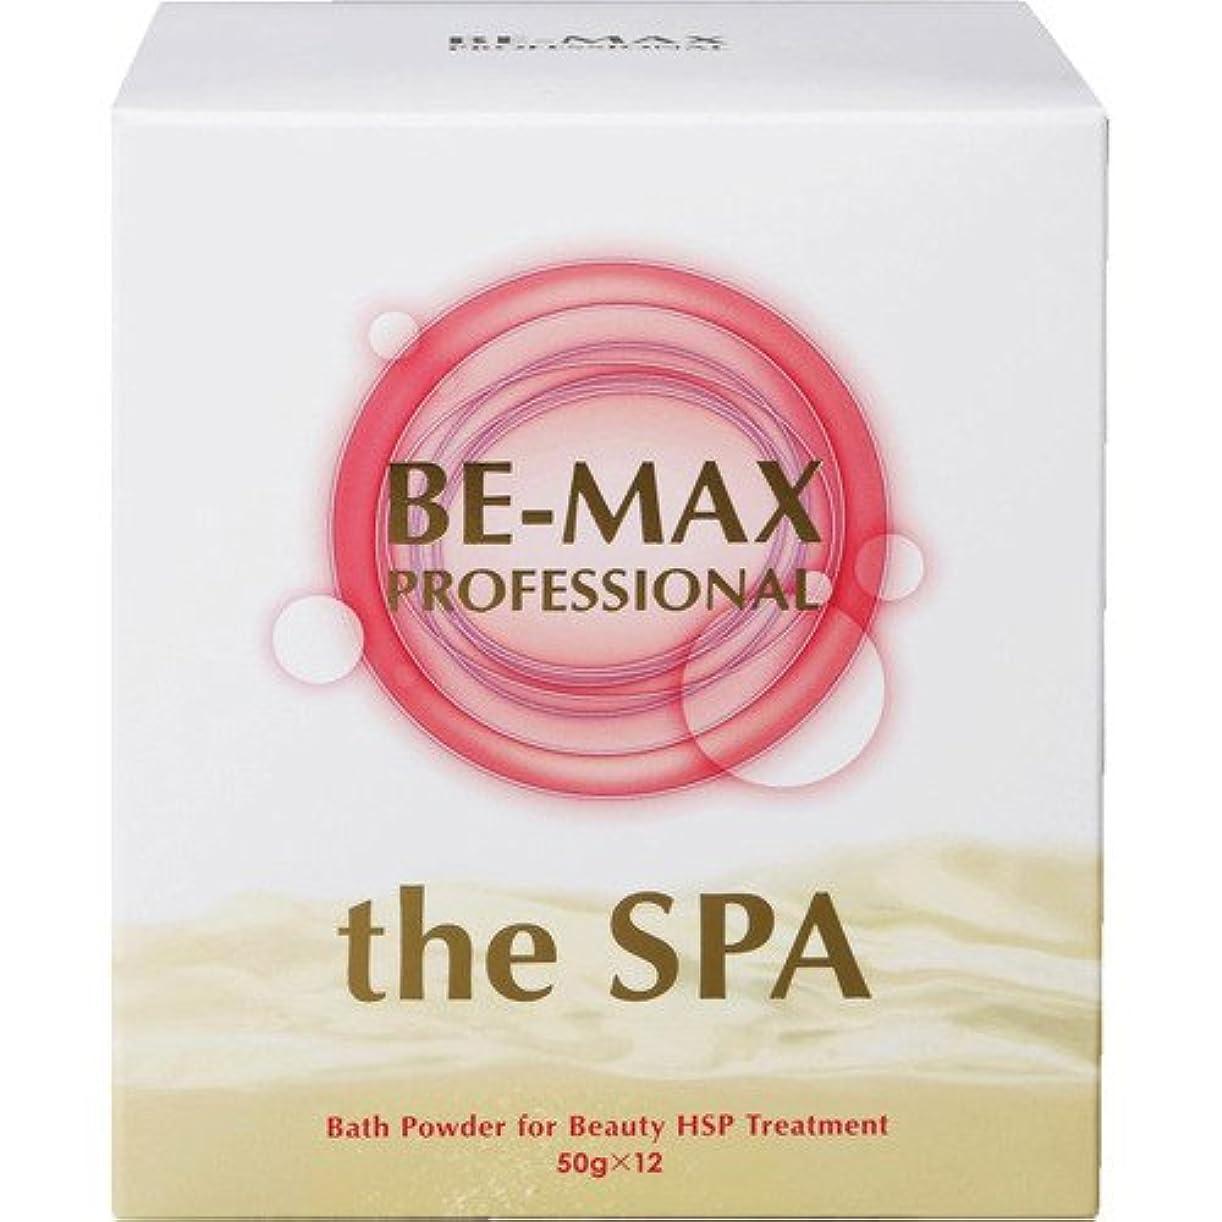 リアルはいつかいますBE-MAX the SPA 入浴剤 柑橘系ハーブ精油がふわりと香る微炭酸湯